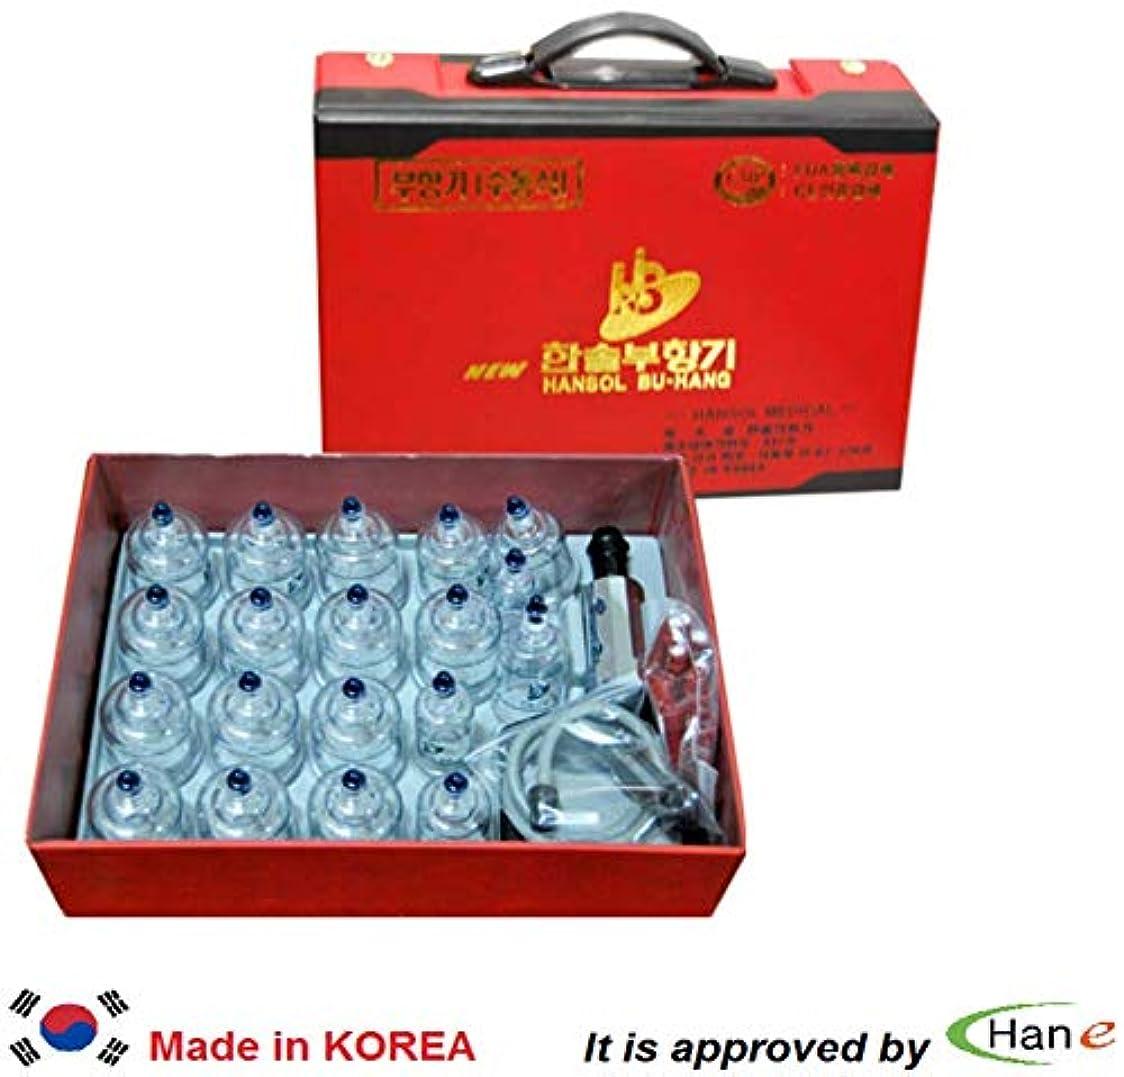 教育者肯定的氷韓国カッピングセット19カップハンディケース付属カッピングマッサージ真空吸引